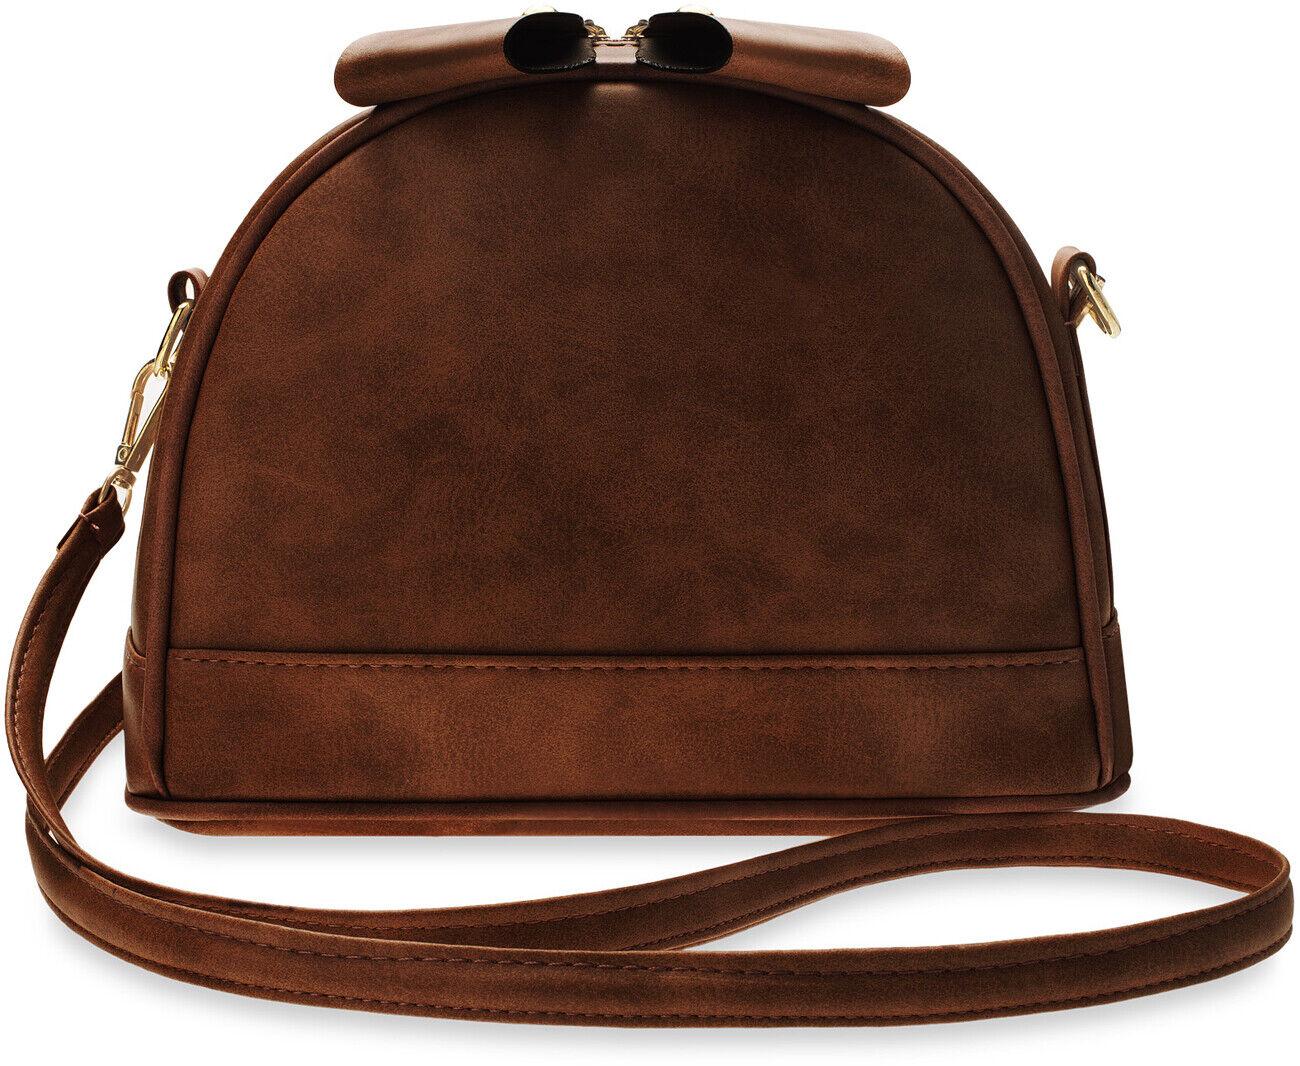 kleine Damentasche Vintage Stil Damen Handtasche braun